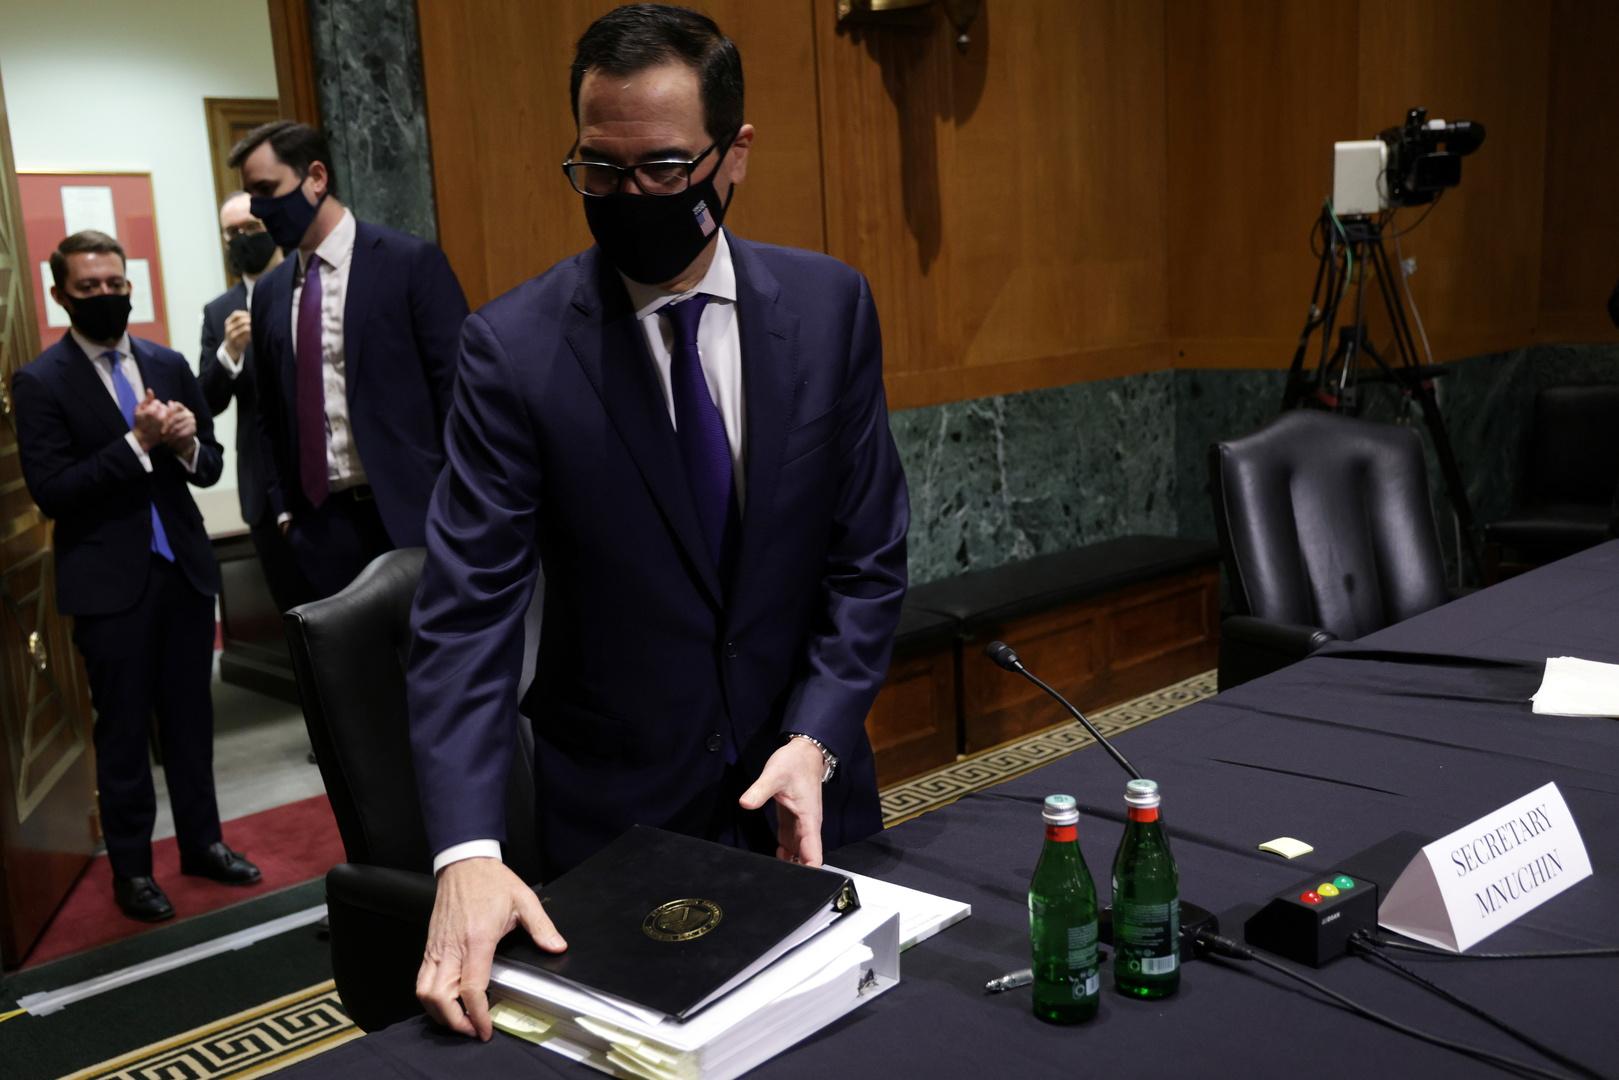 الخزانة الأمريكية تبلغ رئيس بورصة نيويورك معارضتها تداول أسهم شركات صينية